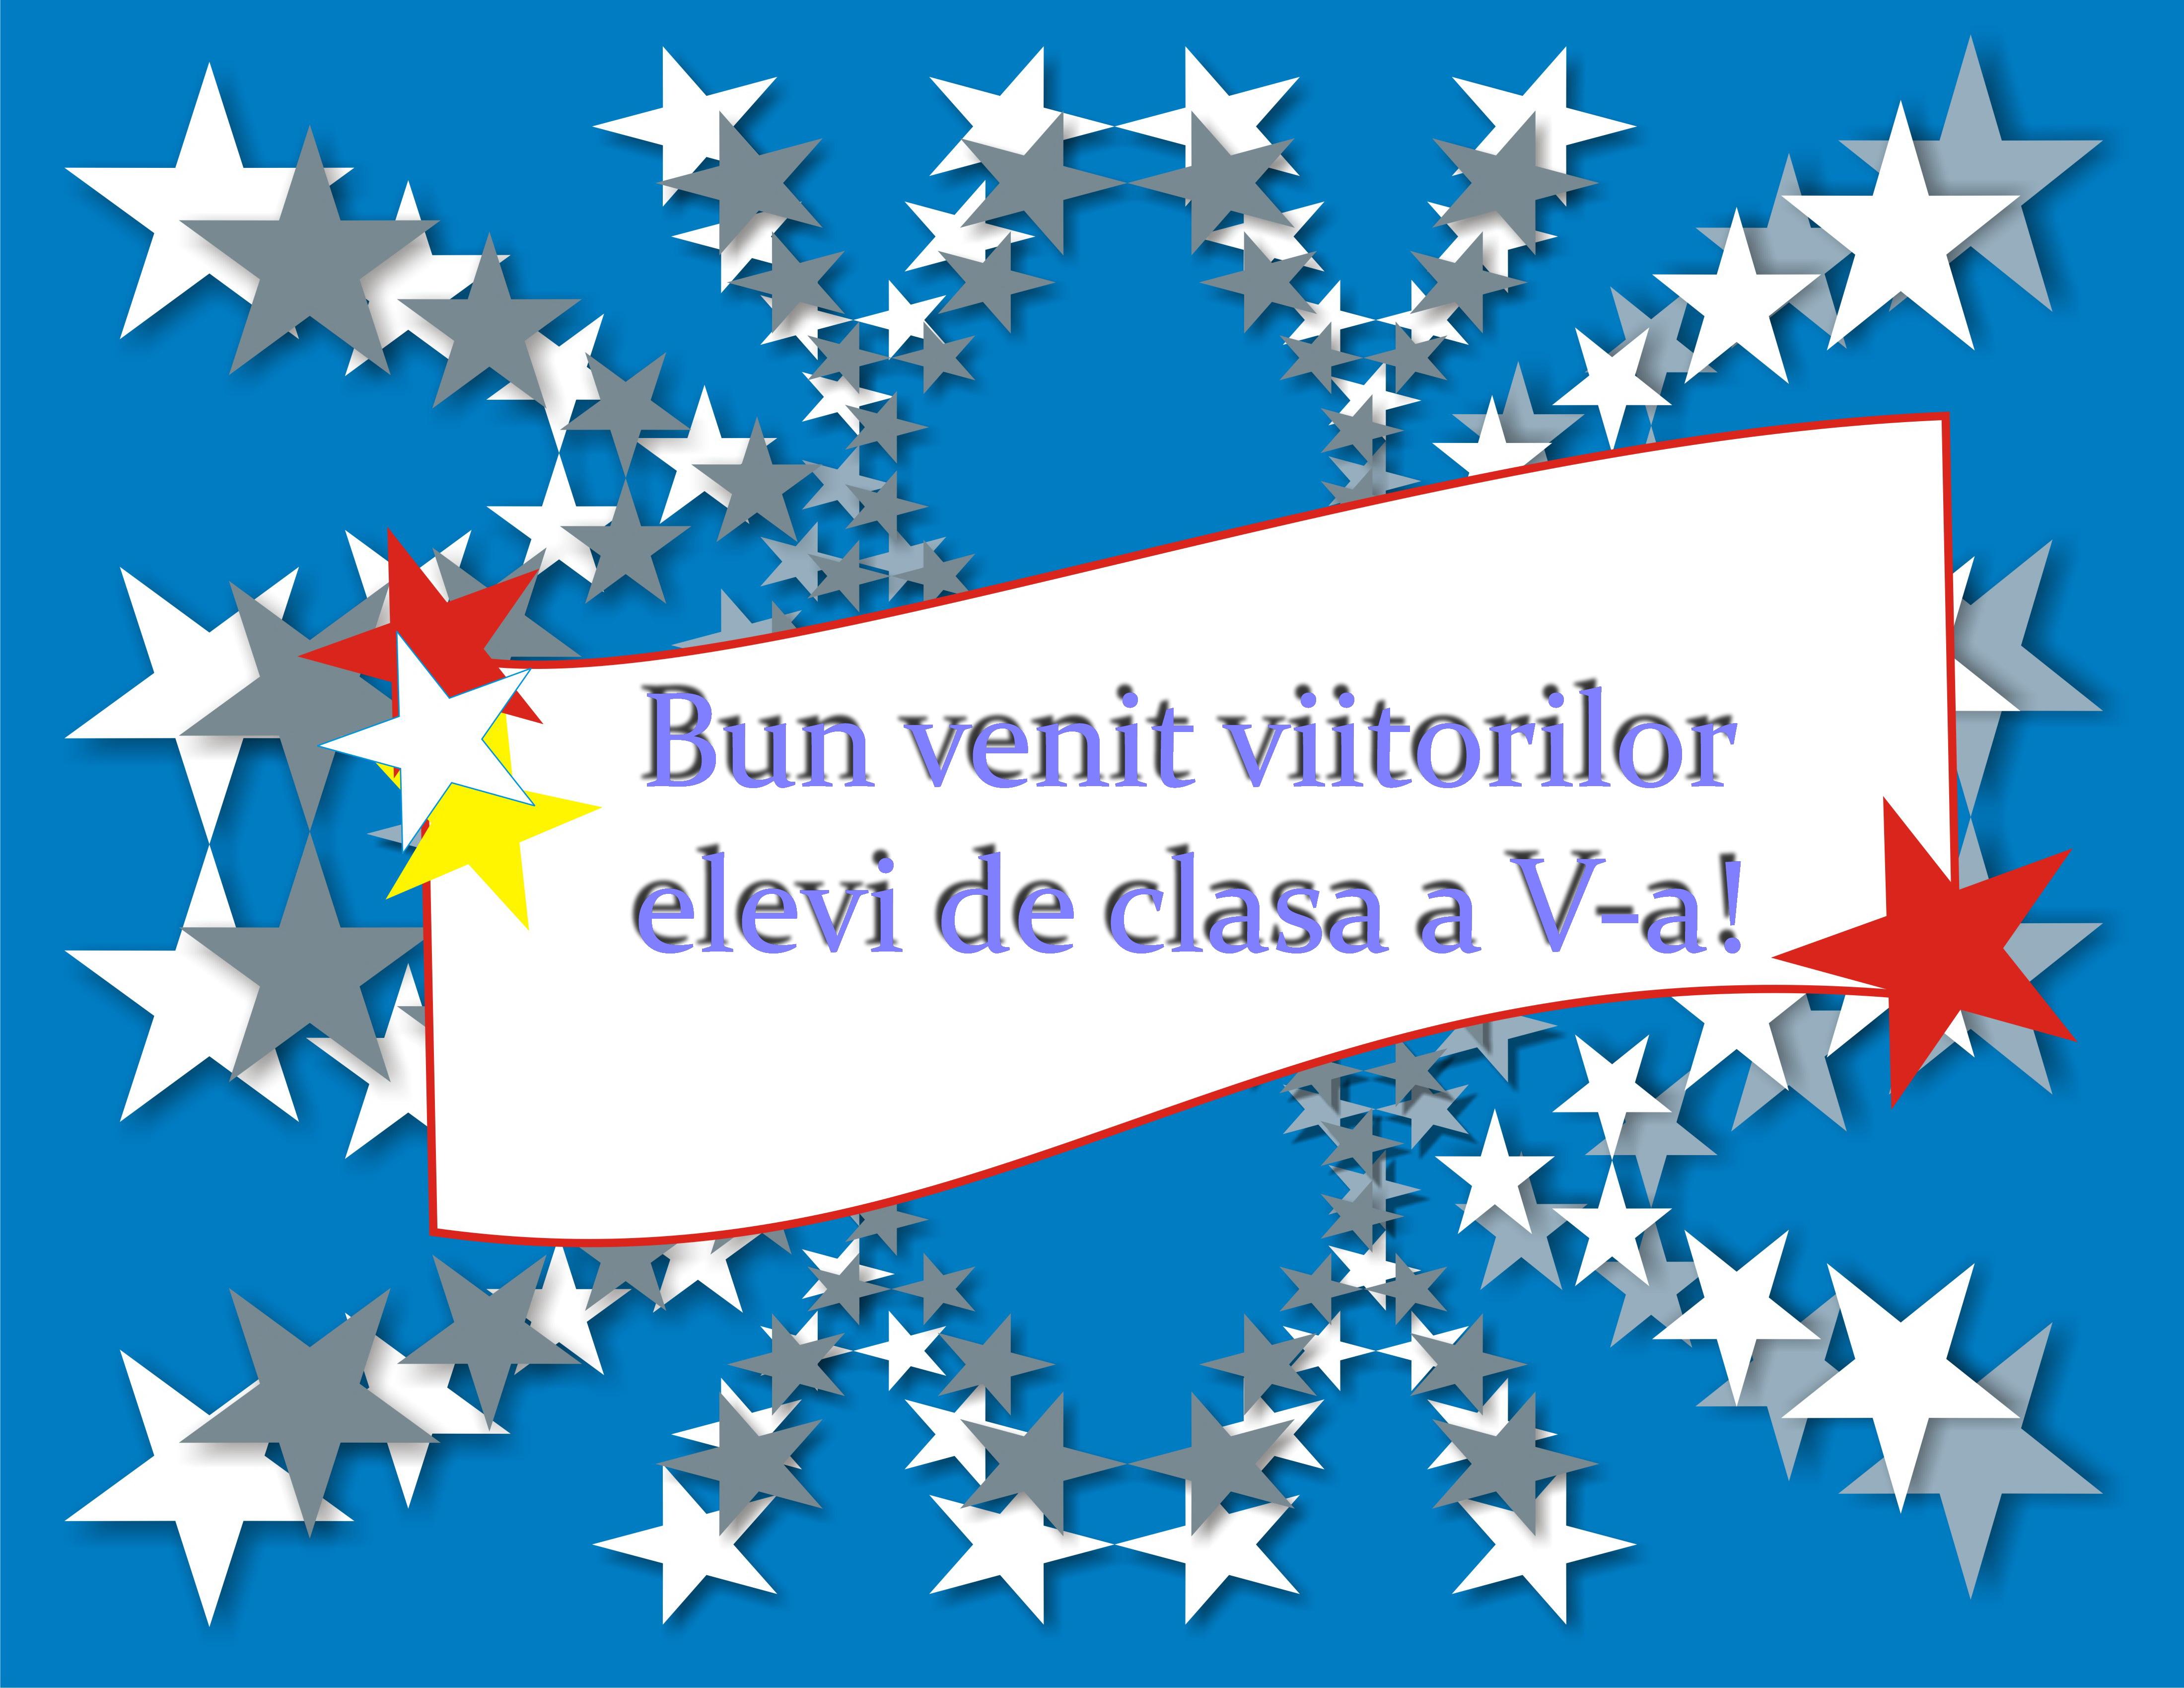 Felicitări viitorilor elevi de clasa a V-a